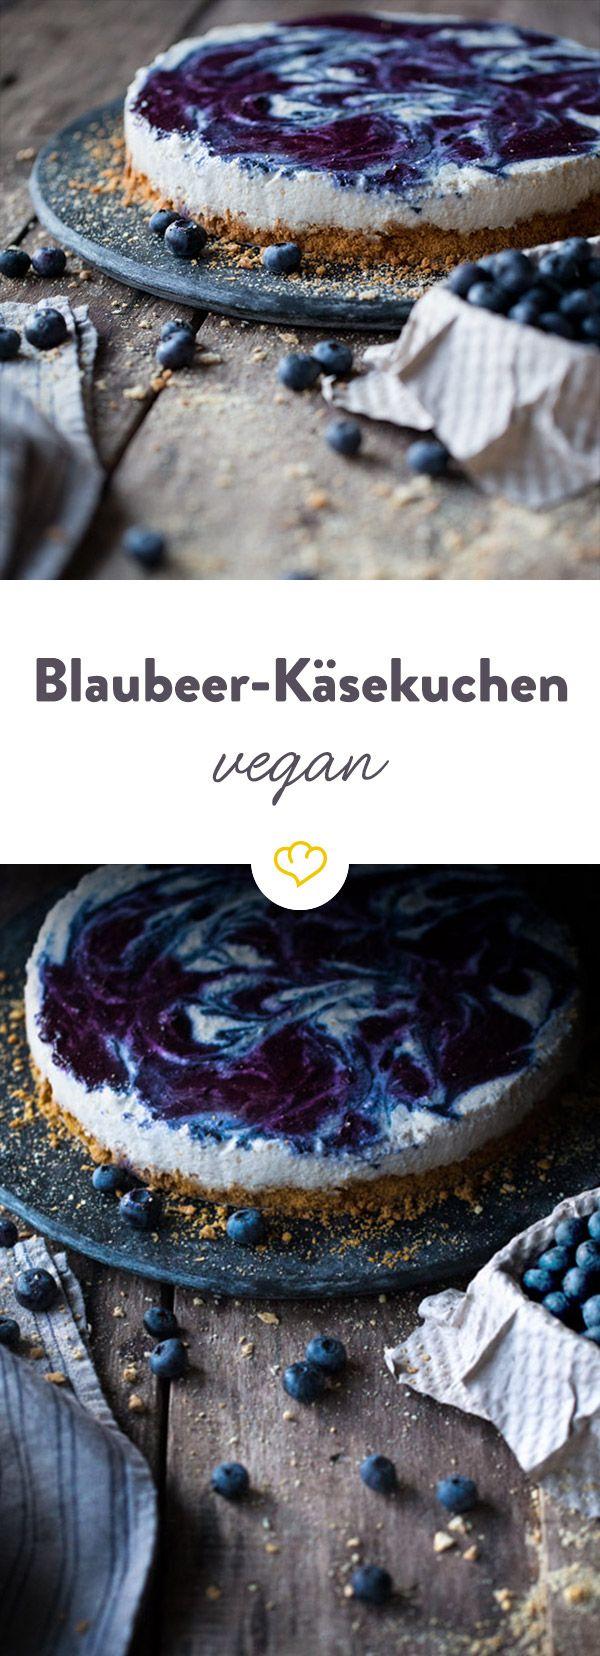 Käsekuchen und vegan - wie das zusammen passt? Ganz einfach: Die Käsemasse besteht aus Kokosmilch und Cashewkernen. Und wird mit Blaubeeren verfeinert.